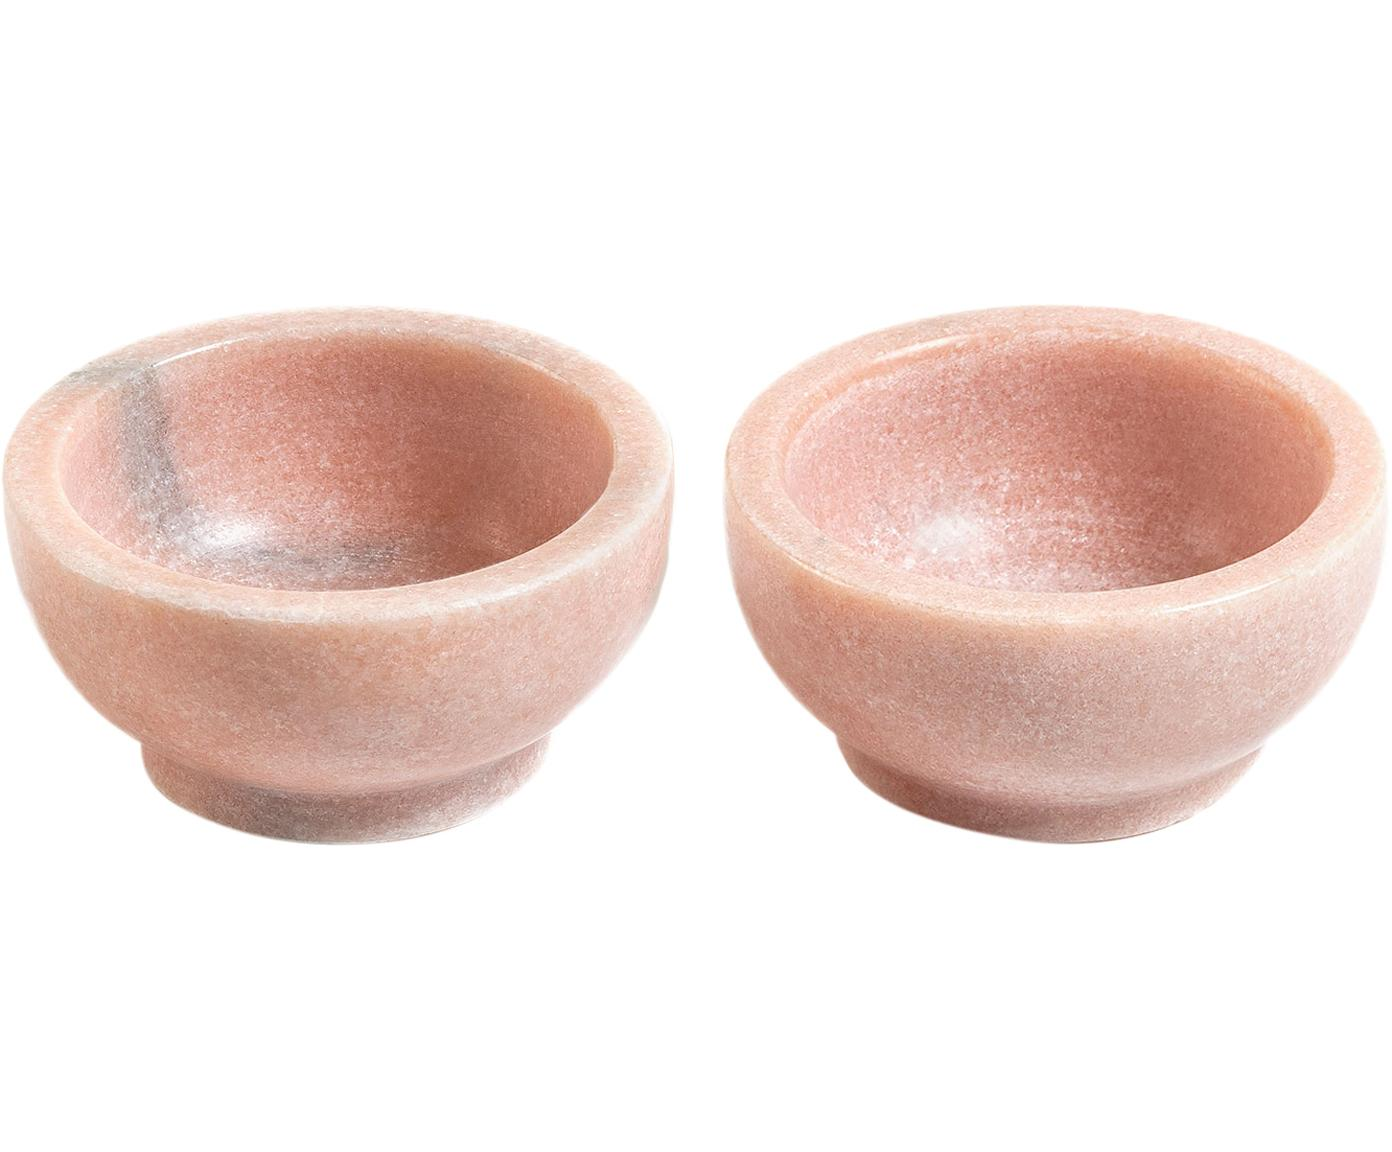 Ciotola in marmo Callhan, 2 pz., Ceramica, marmo, Rosa, marmorizzato, Ø 8 cm